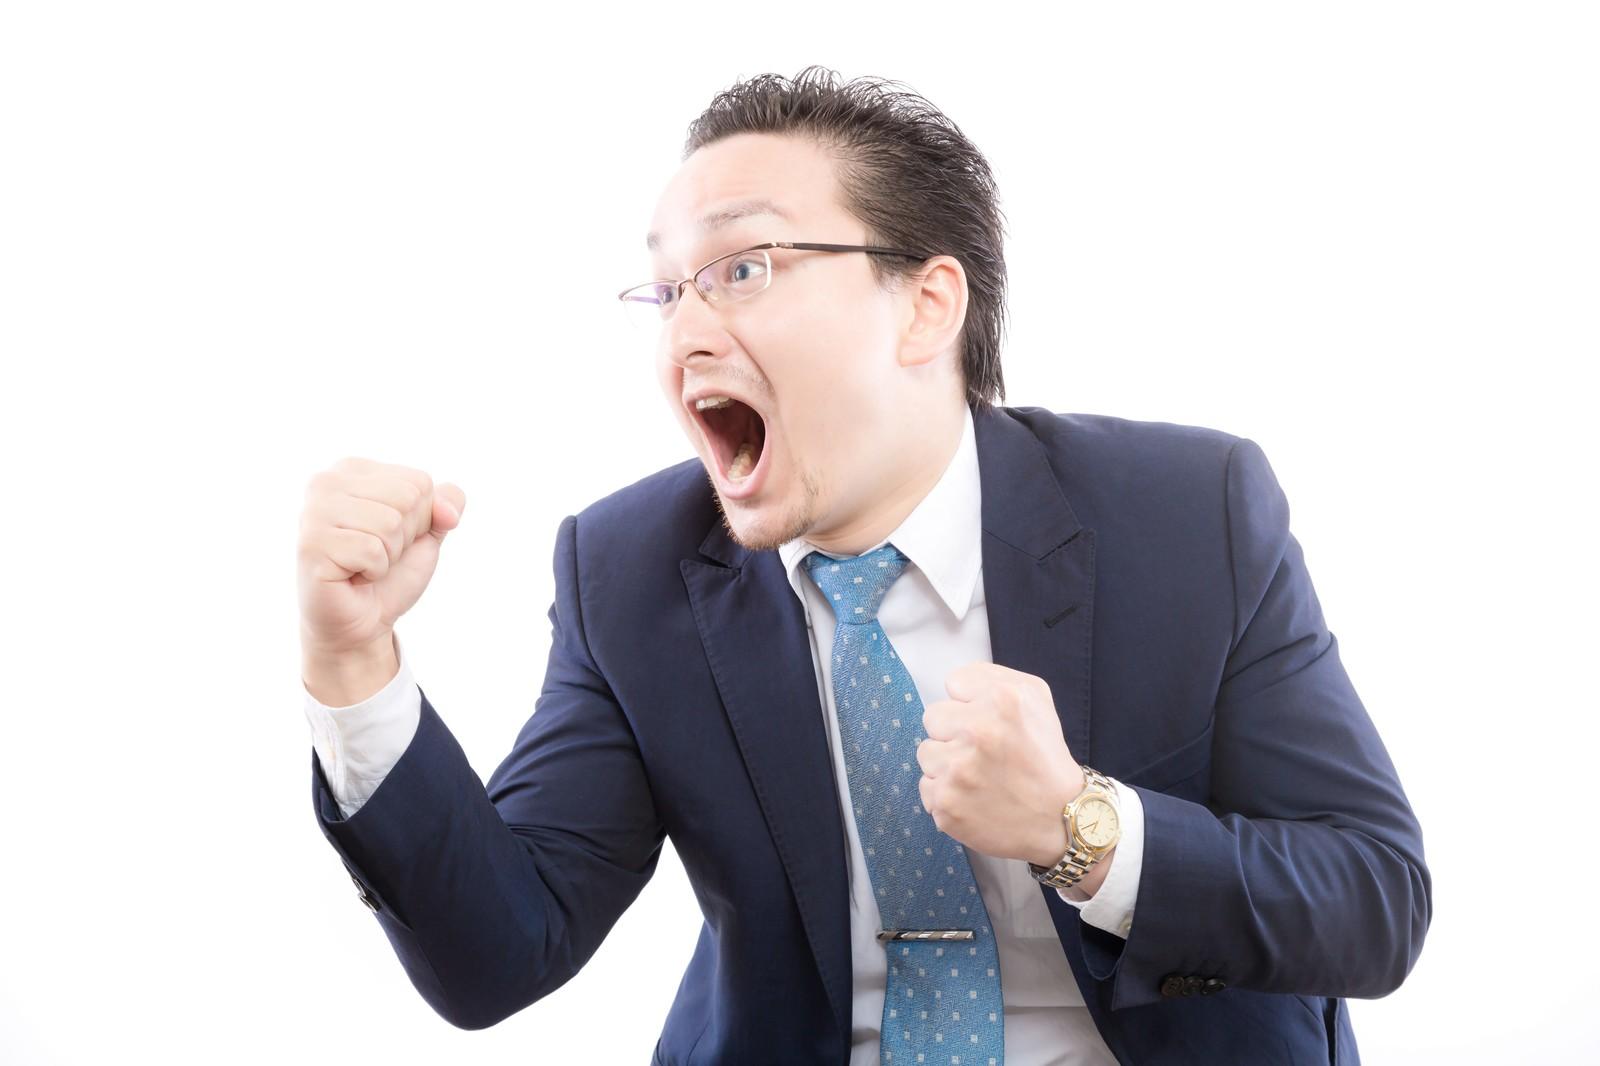 見込み客から圧倒的な反応を取る方法